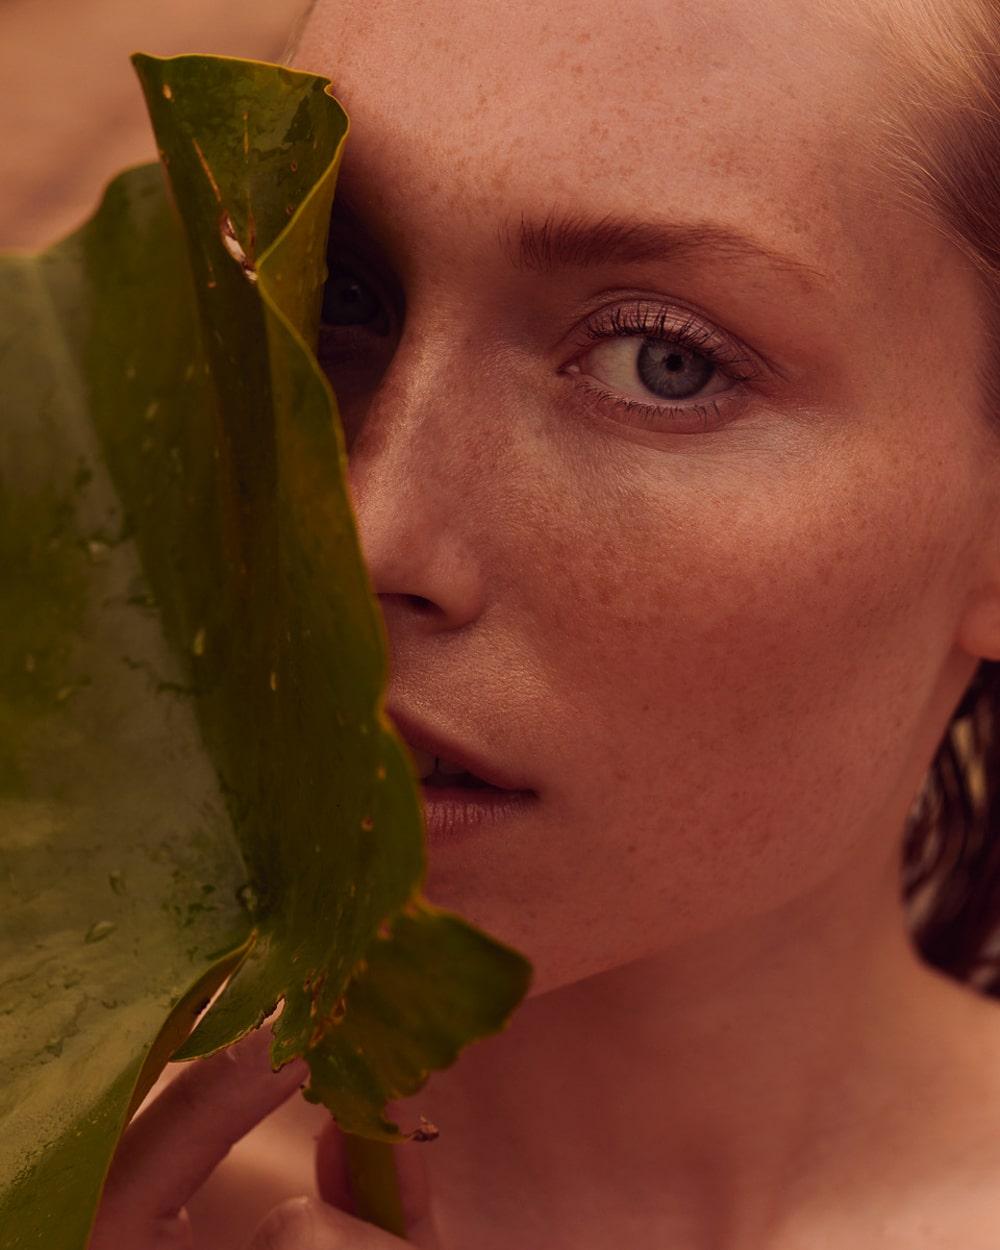 Caroline-Lossberg-Vogue-Portugal-Andreas-Ortner-6.jpg